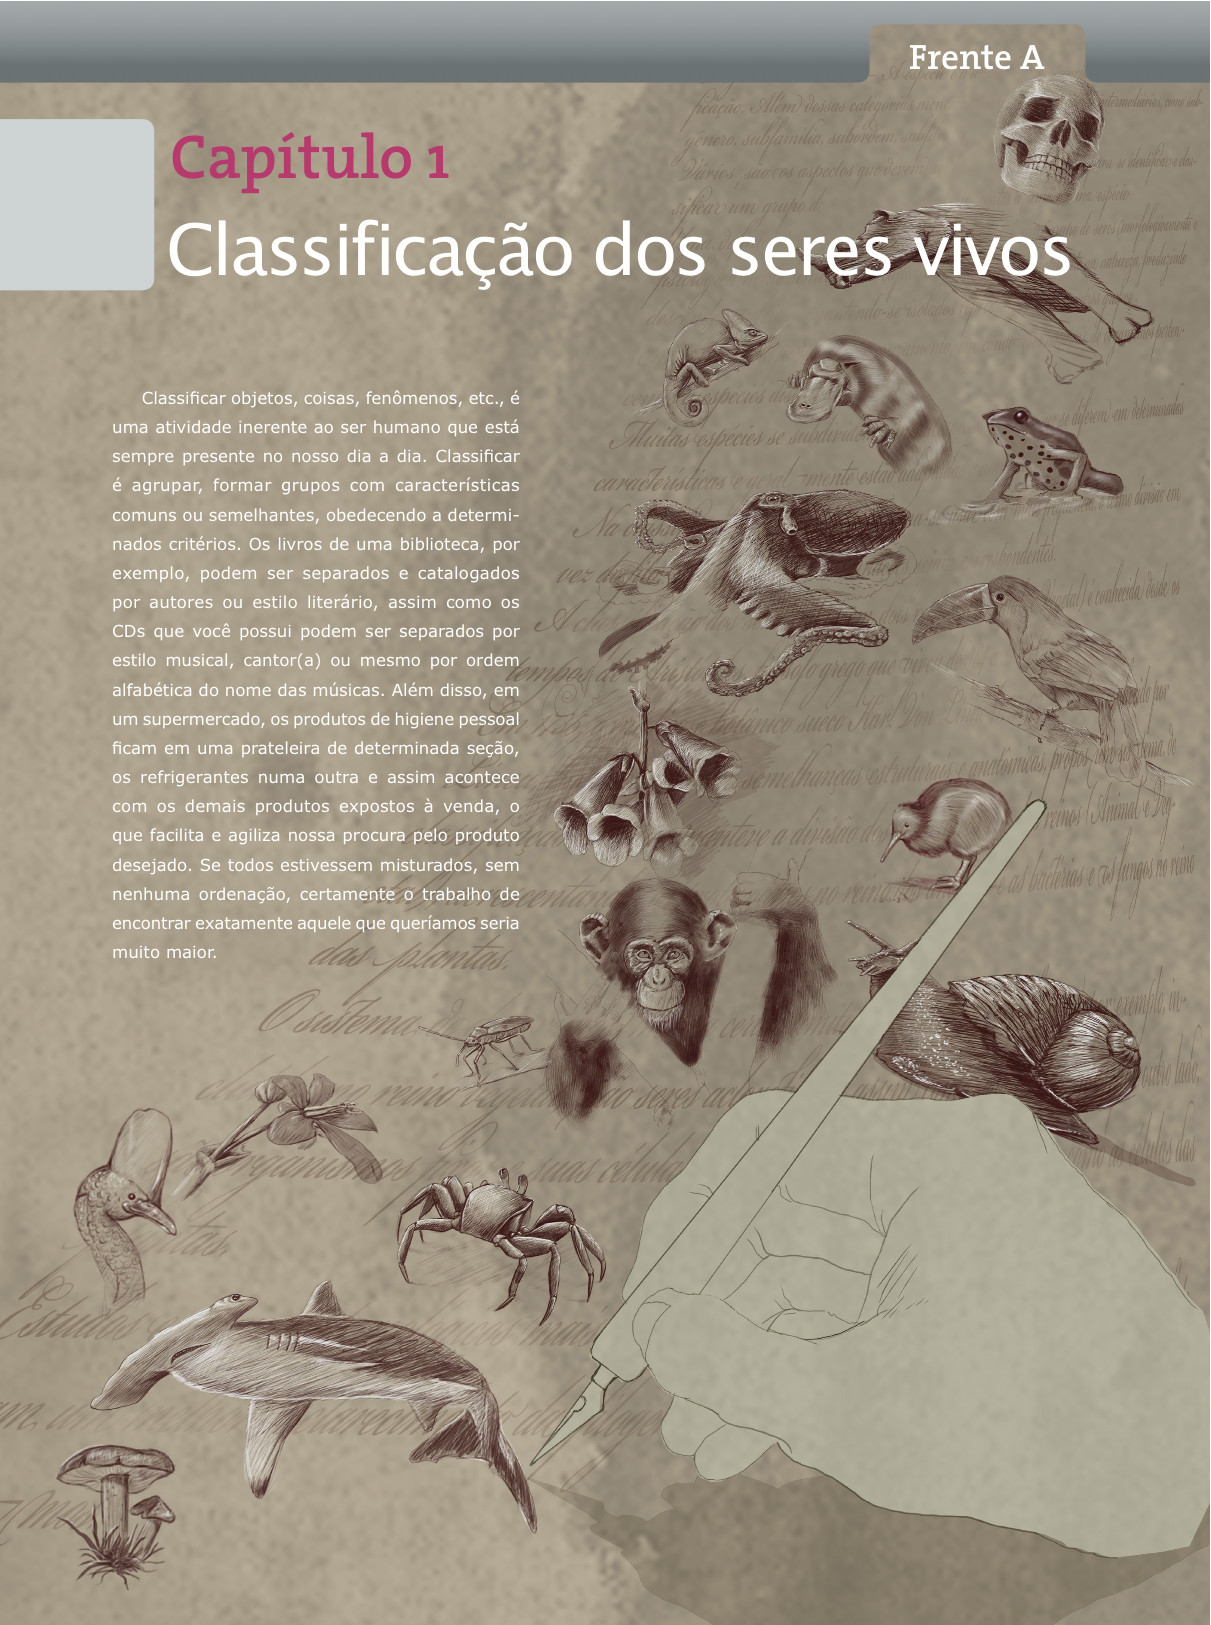 Angelo carvalho bem02a01 abertura